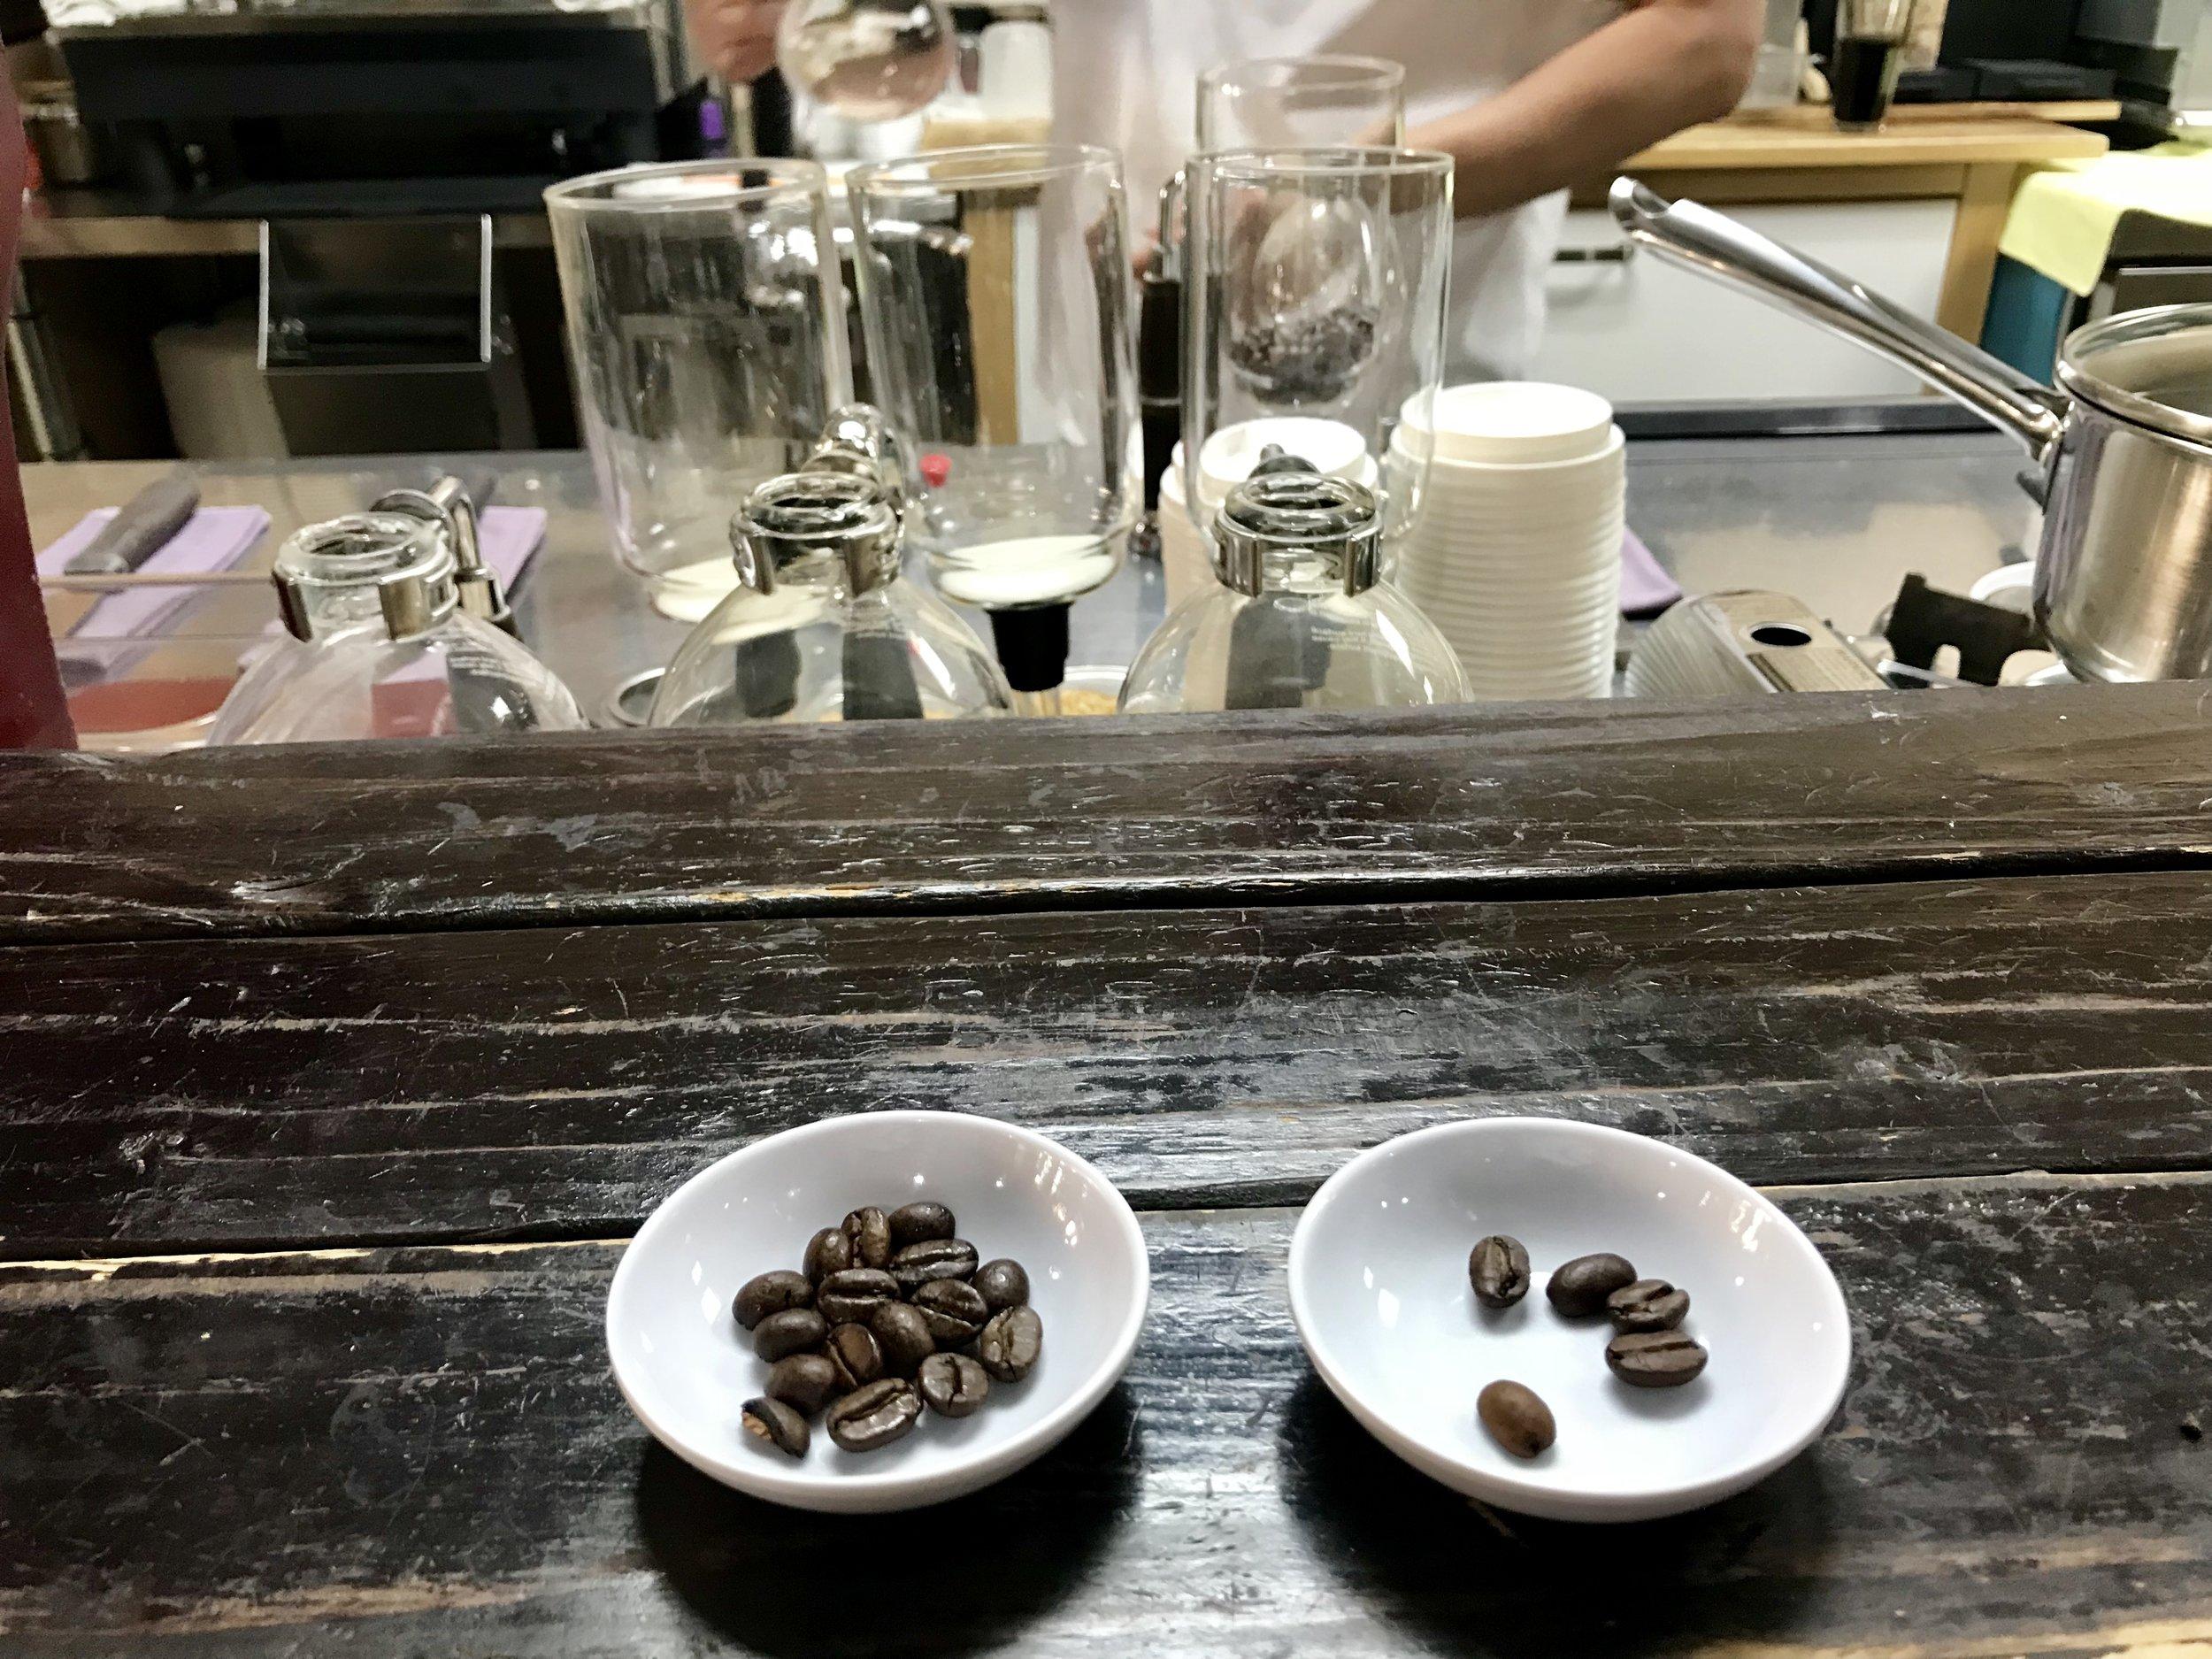 Kaiėje paprastos kavos pupelės, o dešinėje Kopi Luwak. Išvaizda niekuo nesiskiria.